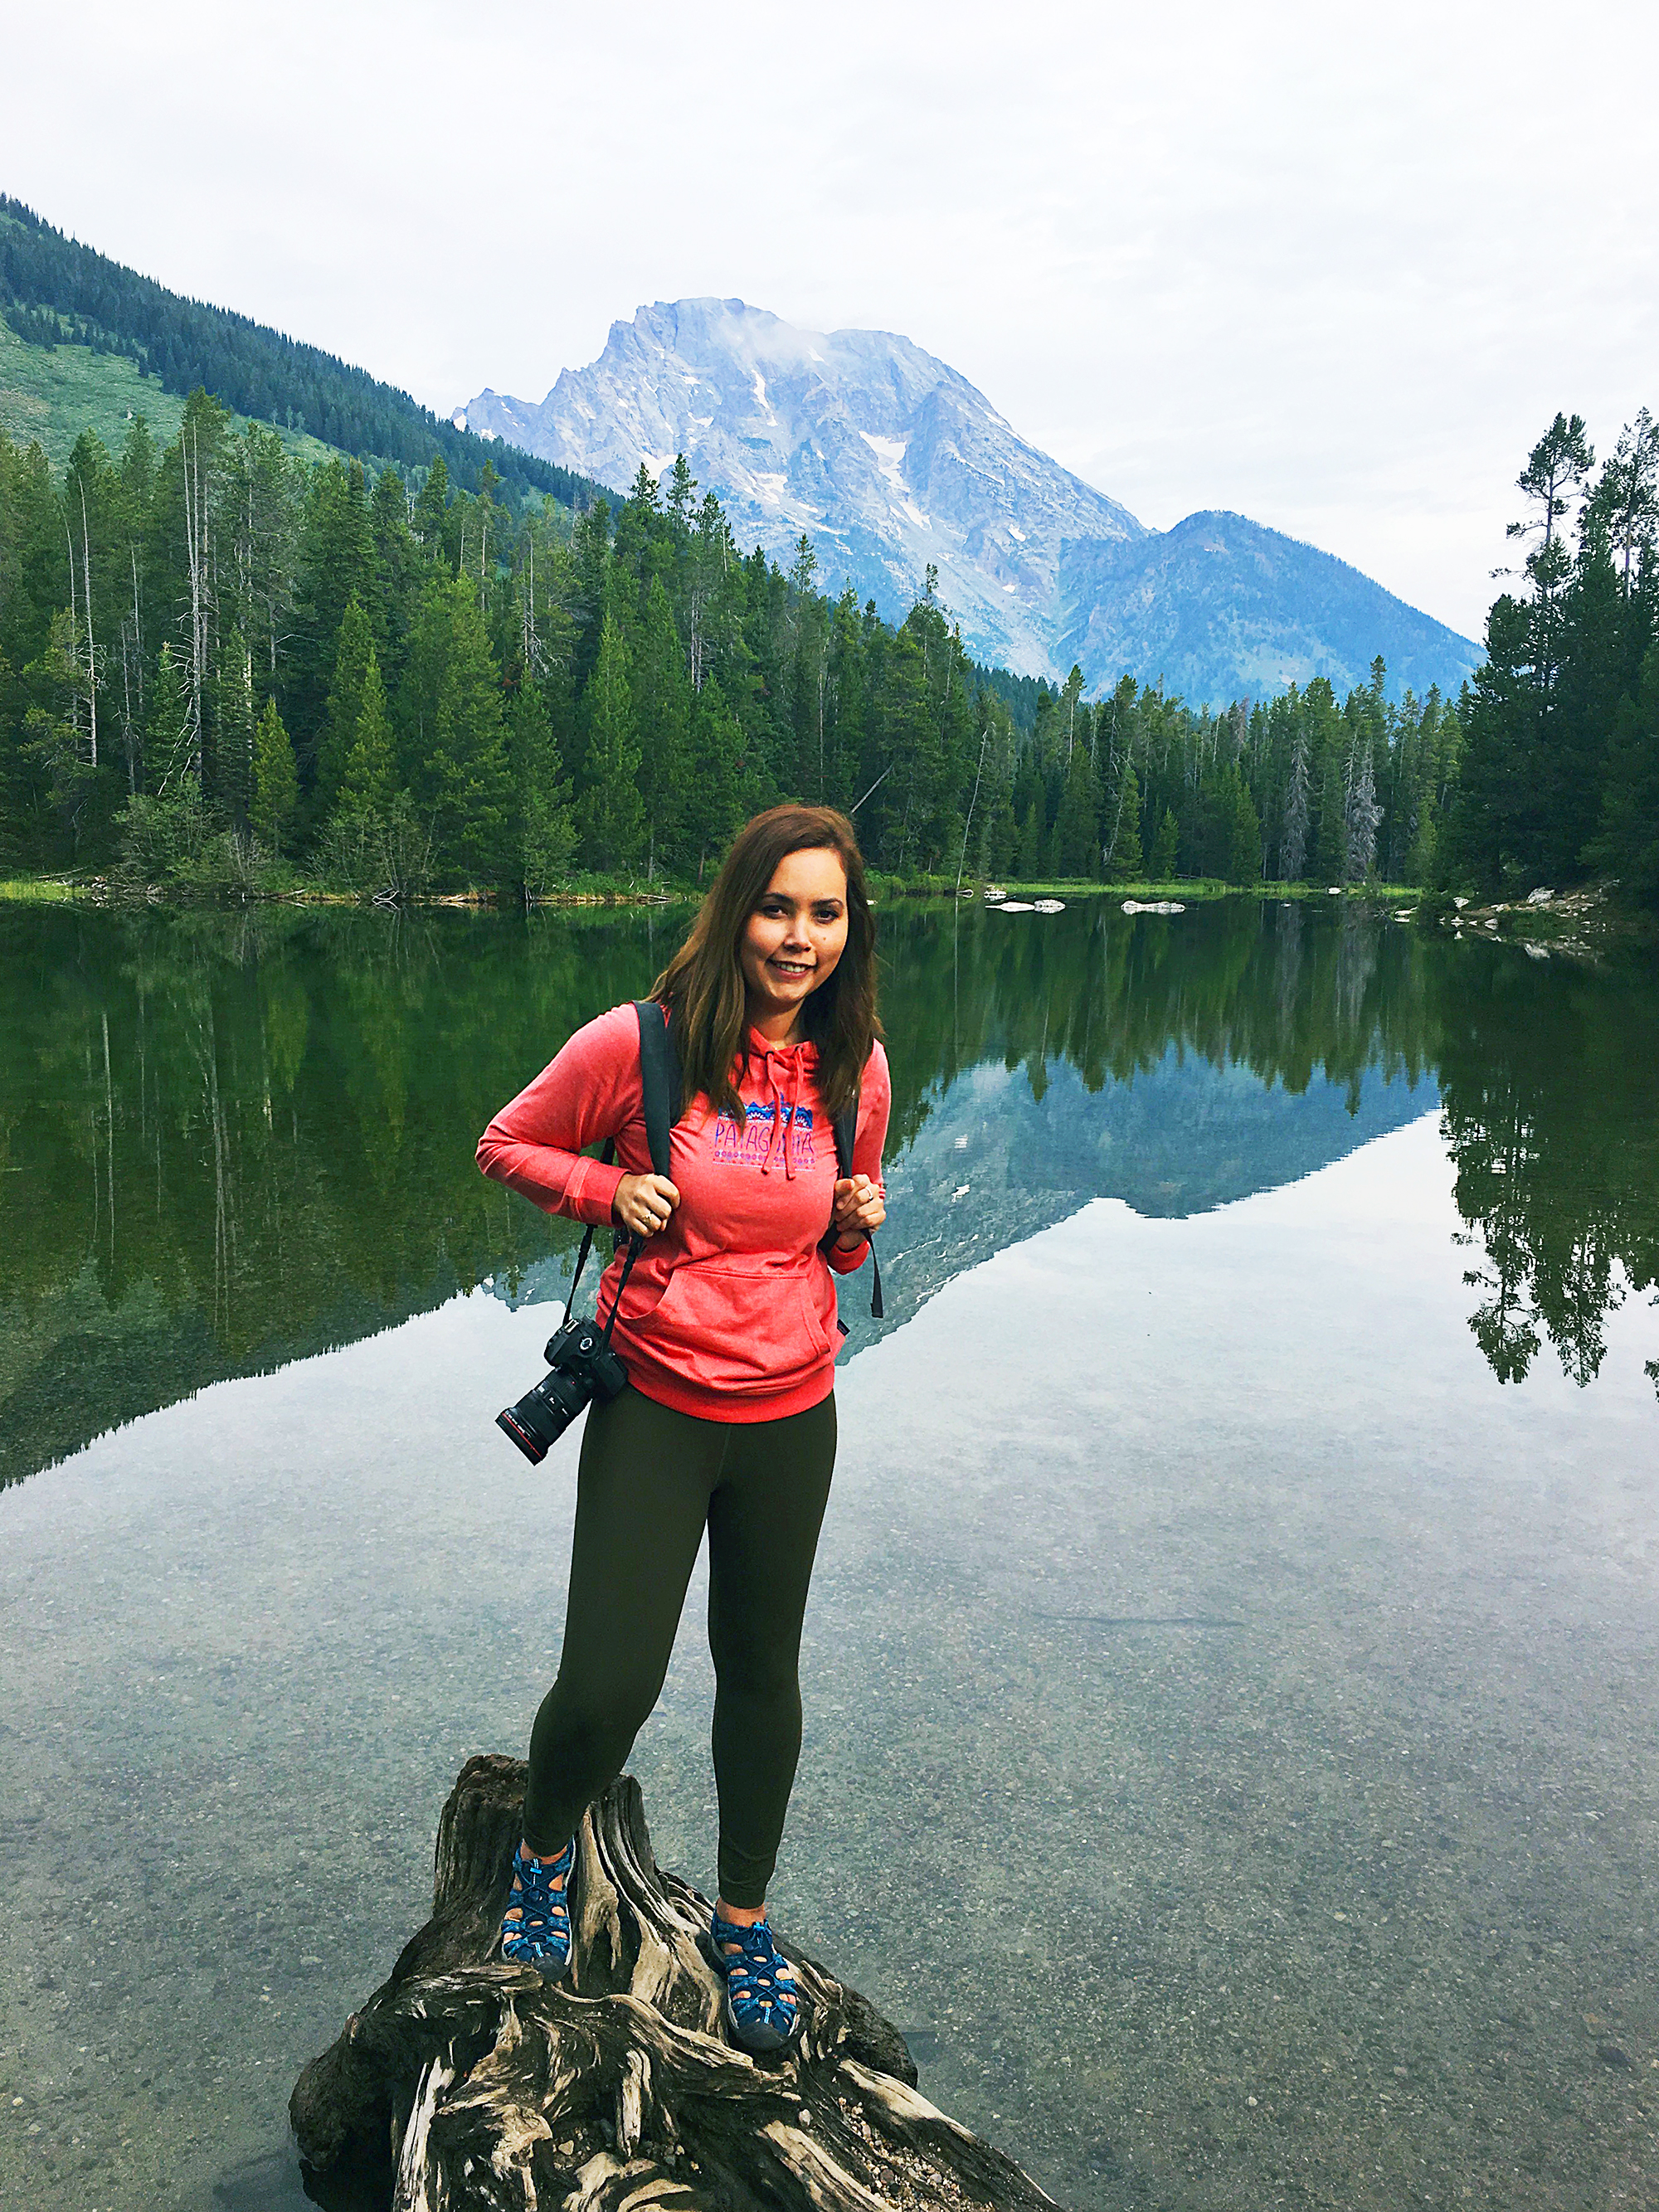 jo-torrijos-states-of-reverie-grand-teton-national-park-string-lake-hike-15.jpg